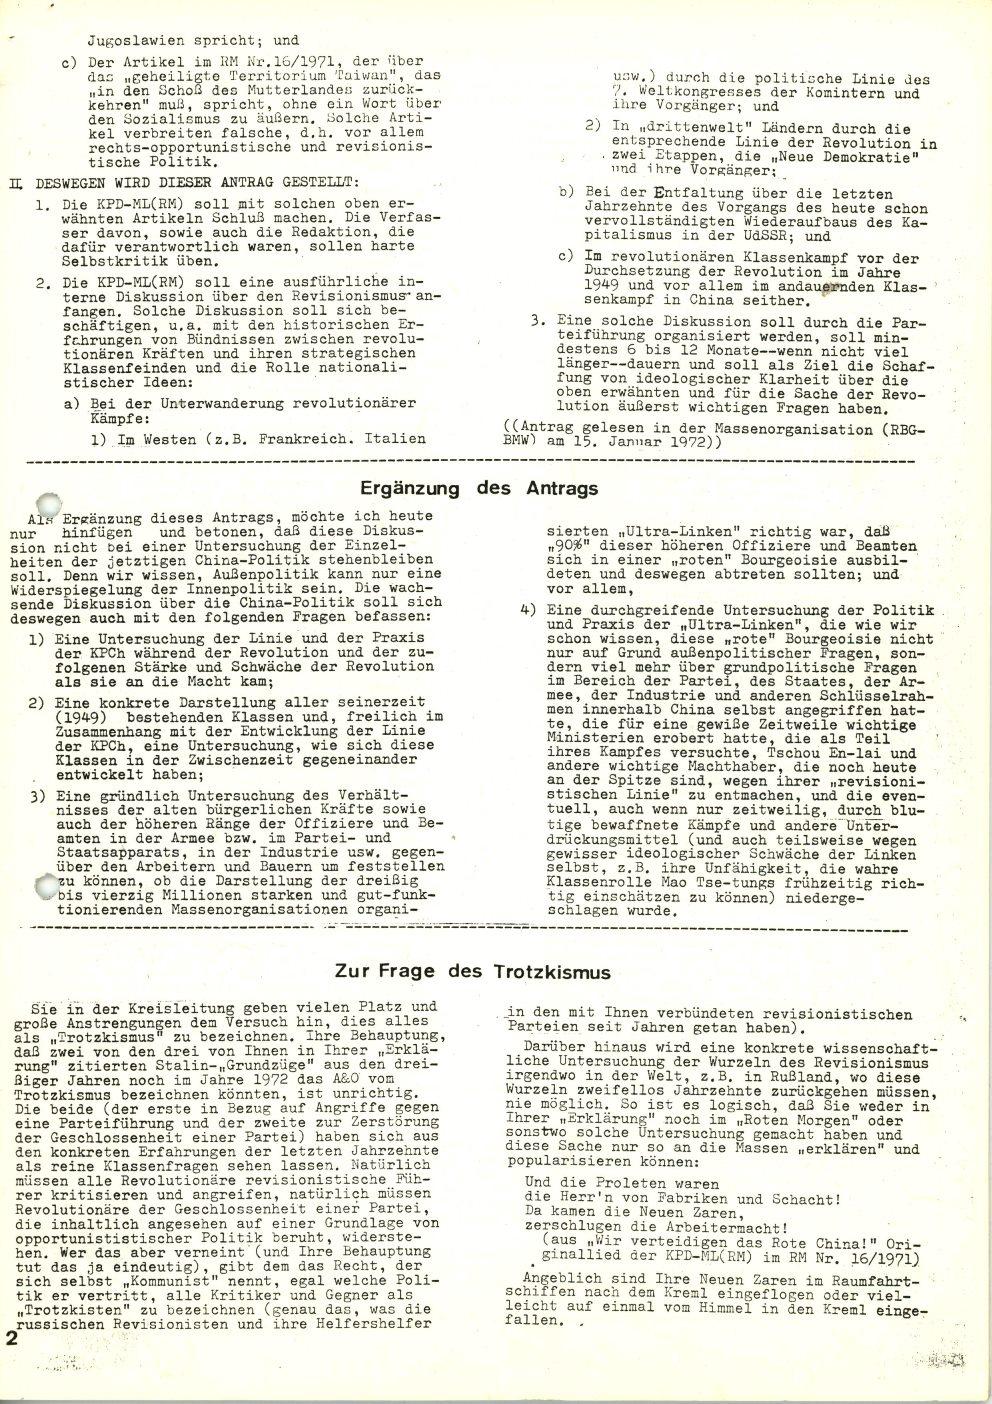 Muenchen_1972_Offener_Brief_an_die_KPDML_02